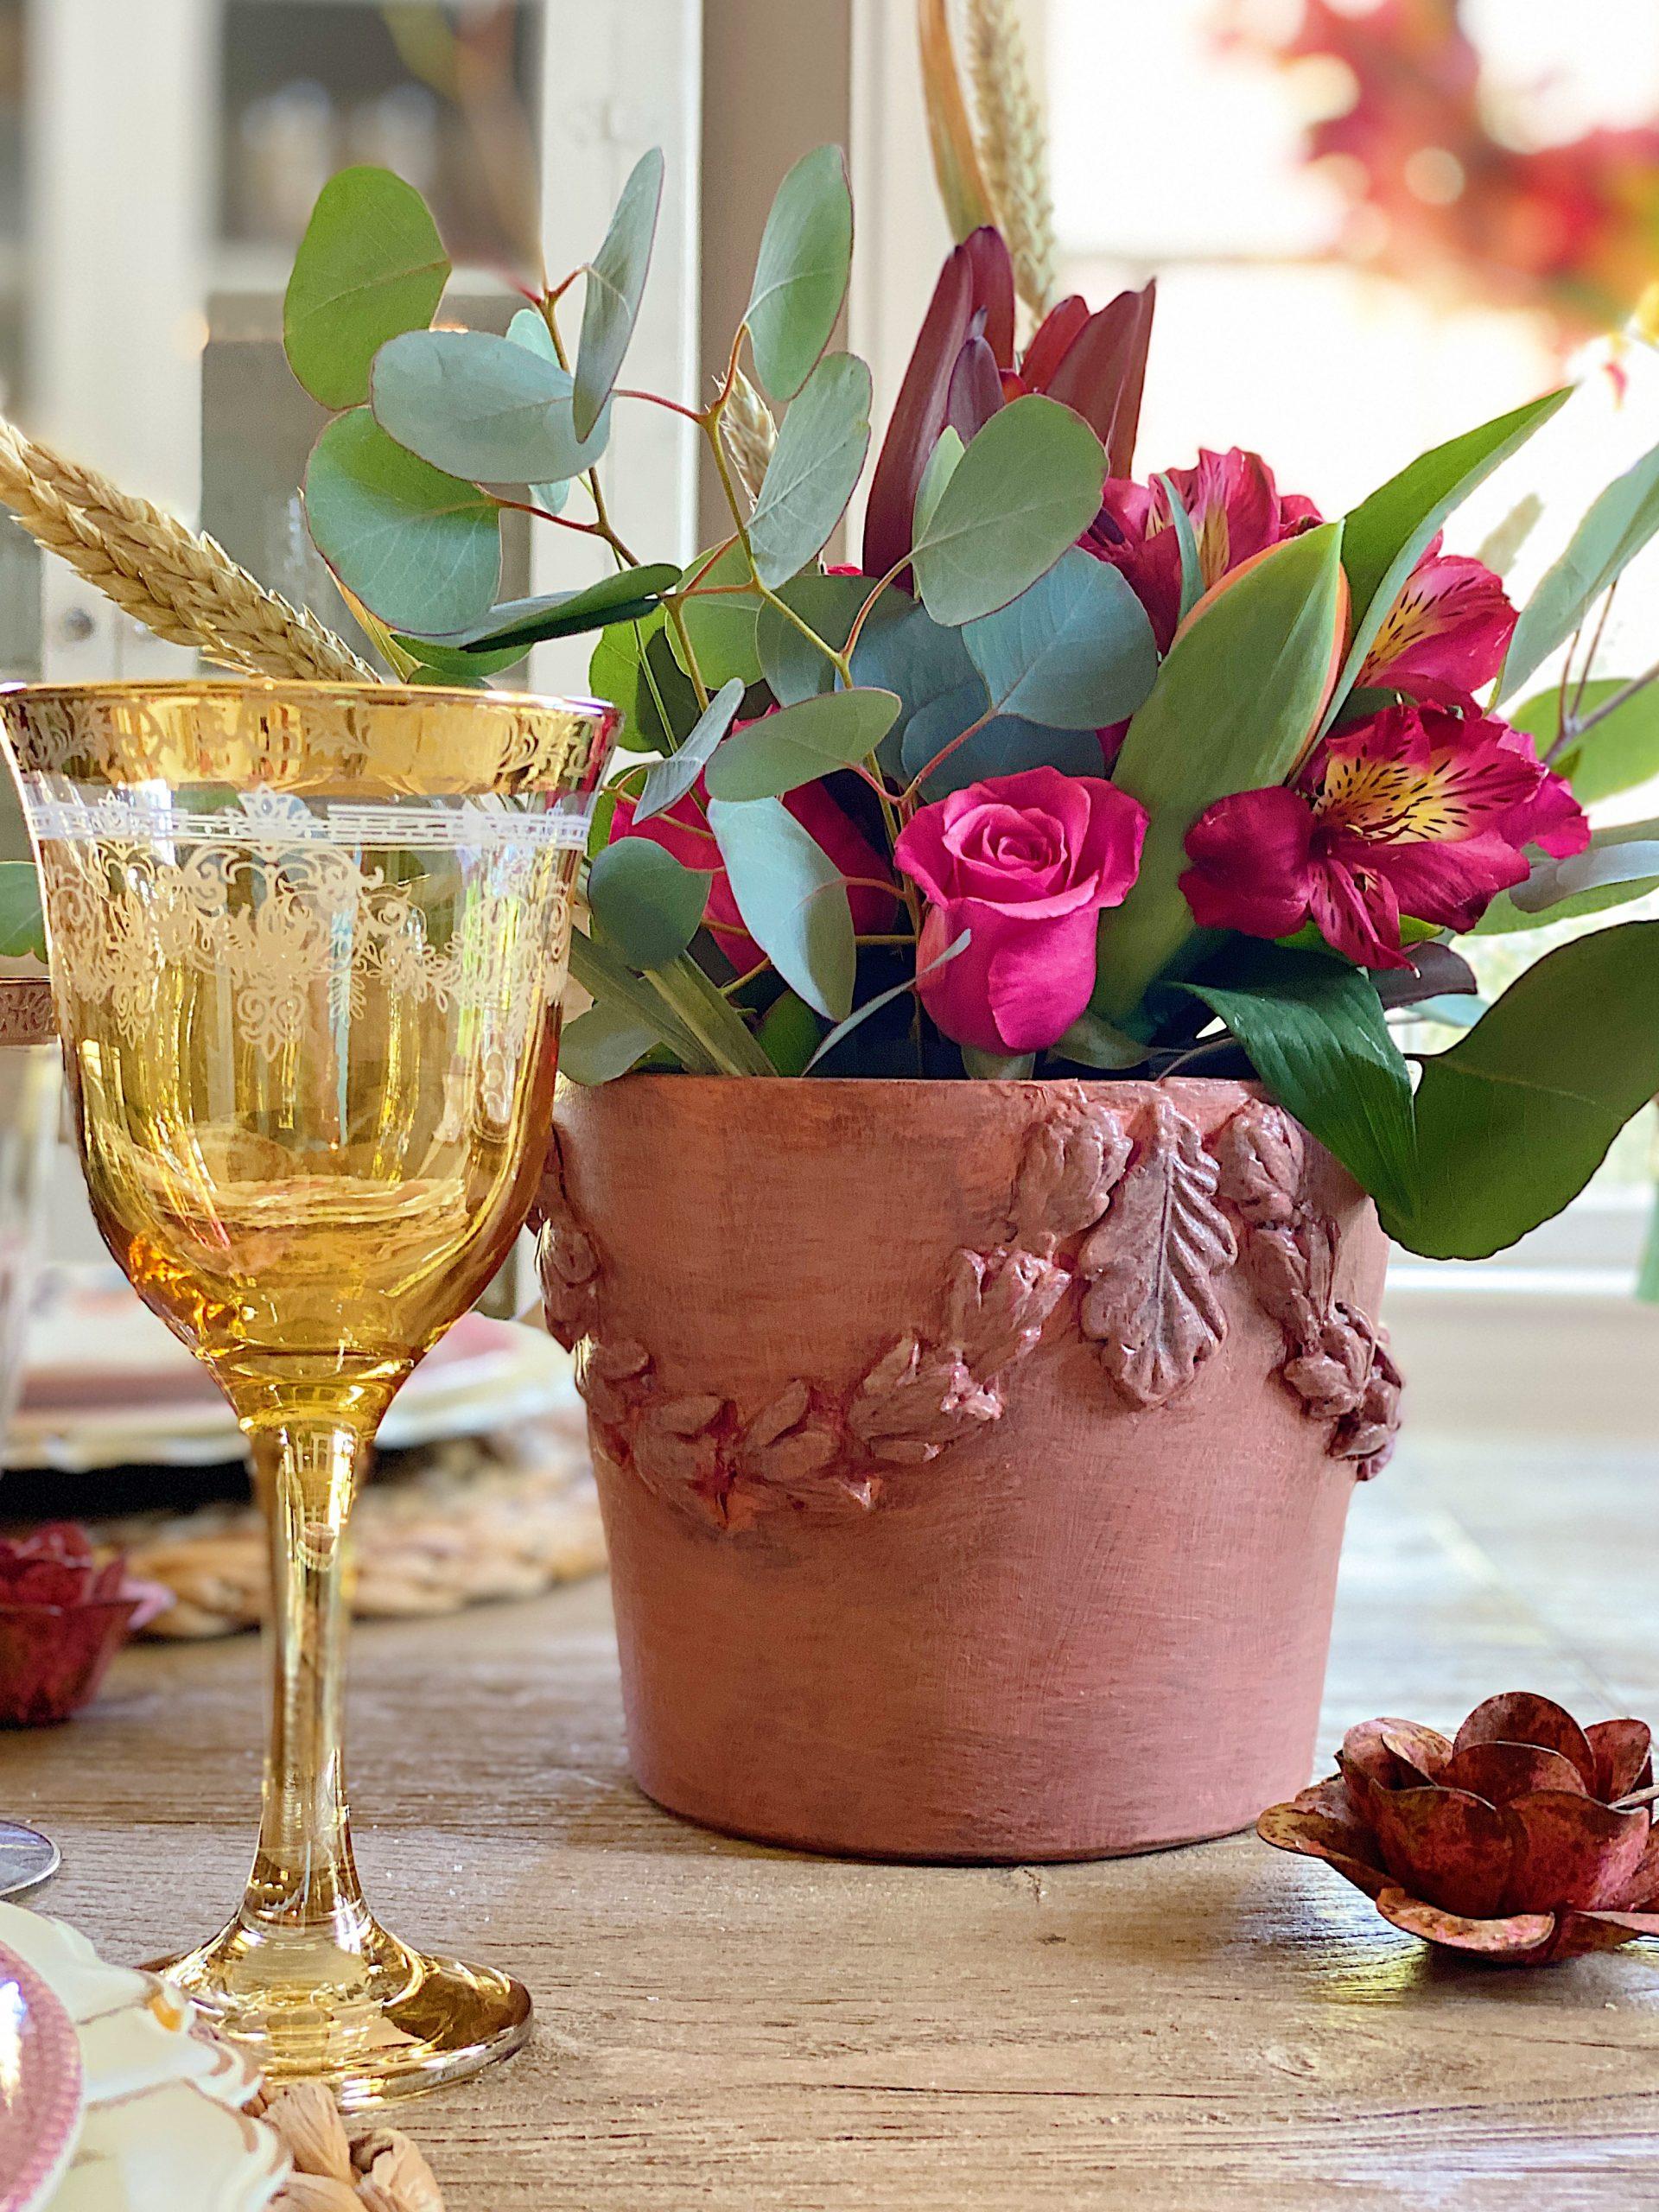 The Best Ceramic Planter DIY